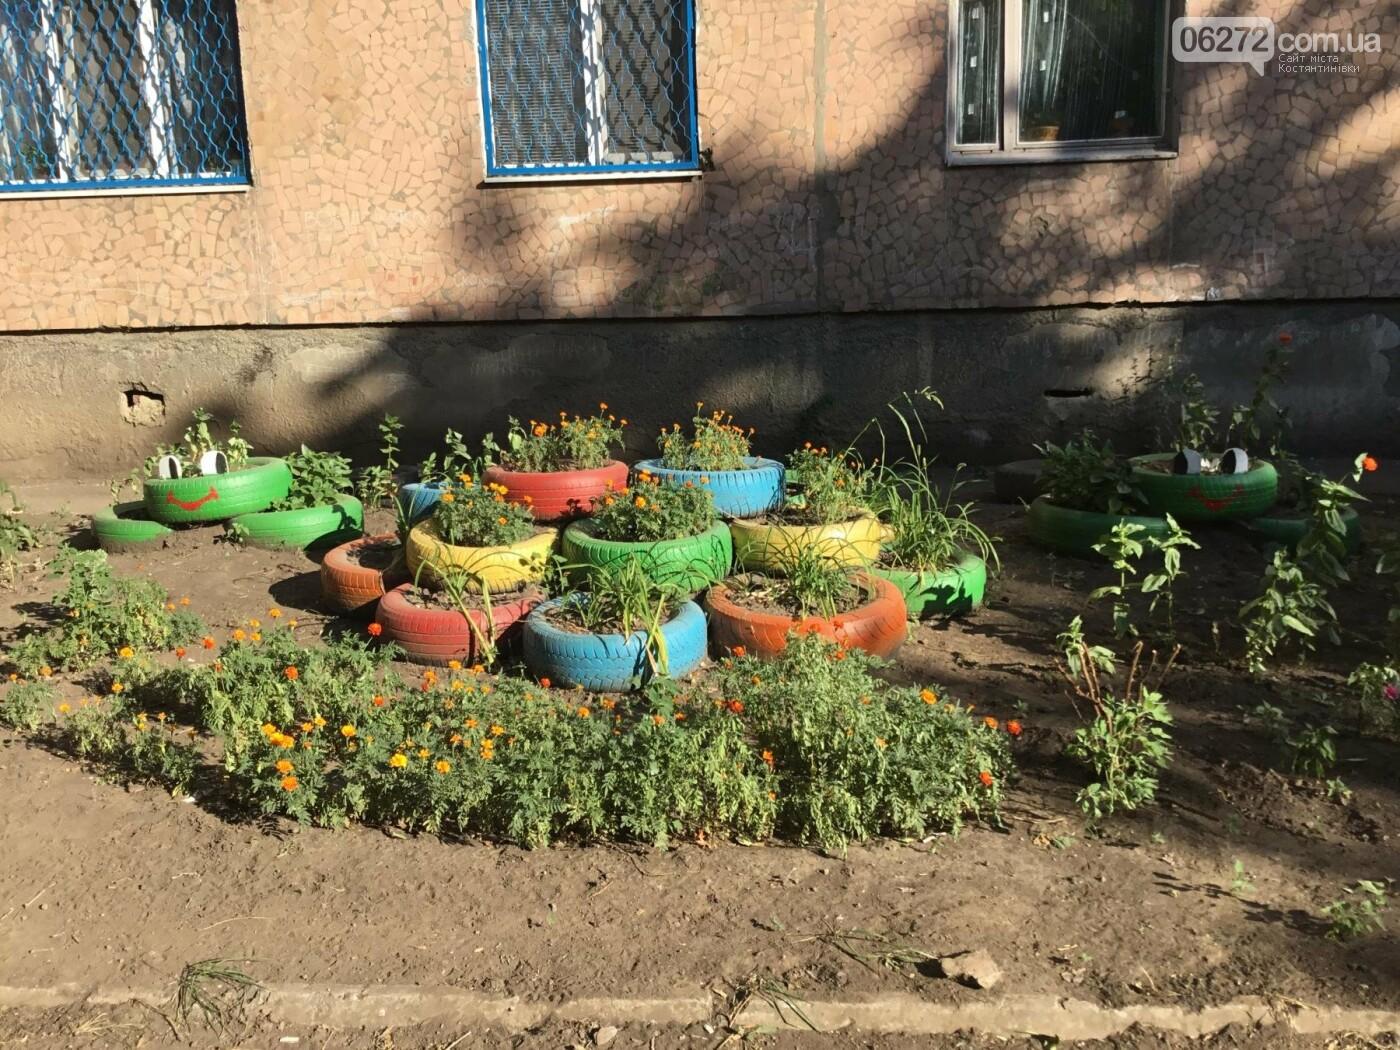 В Константиновке по ул. Безнощенко молодежь сделала спортивную площадку для детей, фото-26